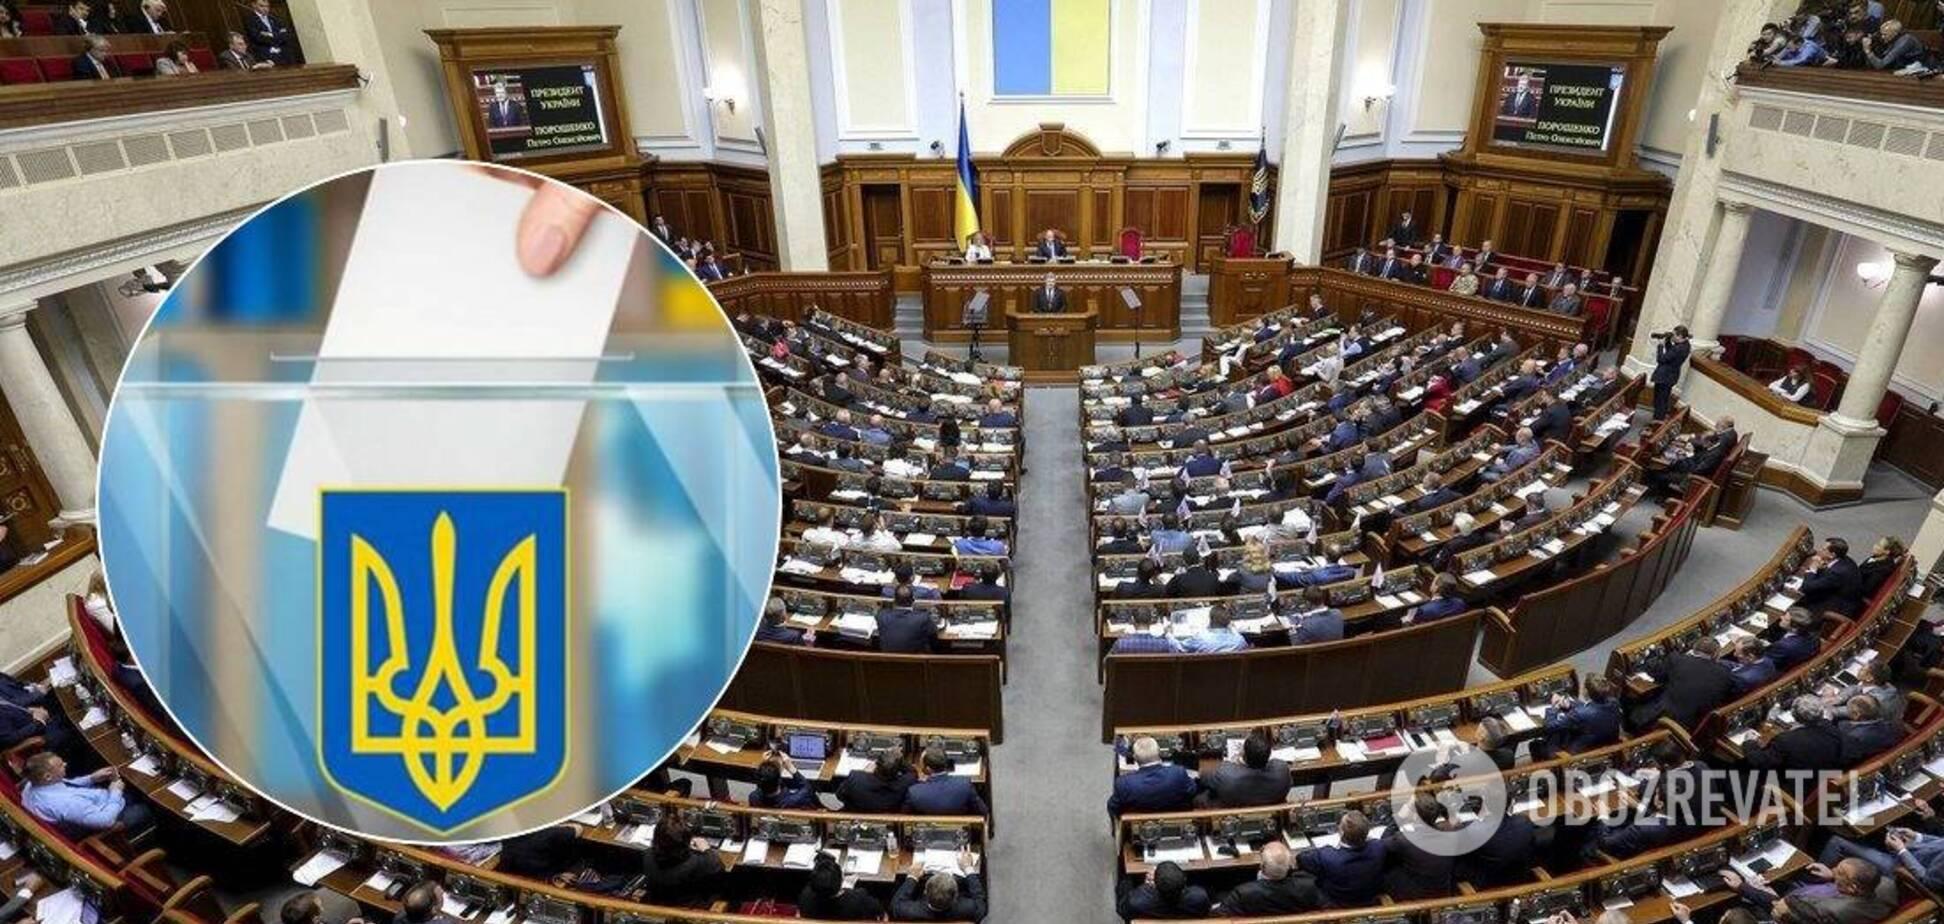 Місцеві вибори в Україні призначено на 25 жовтня